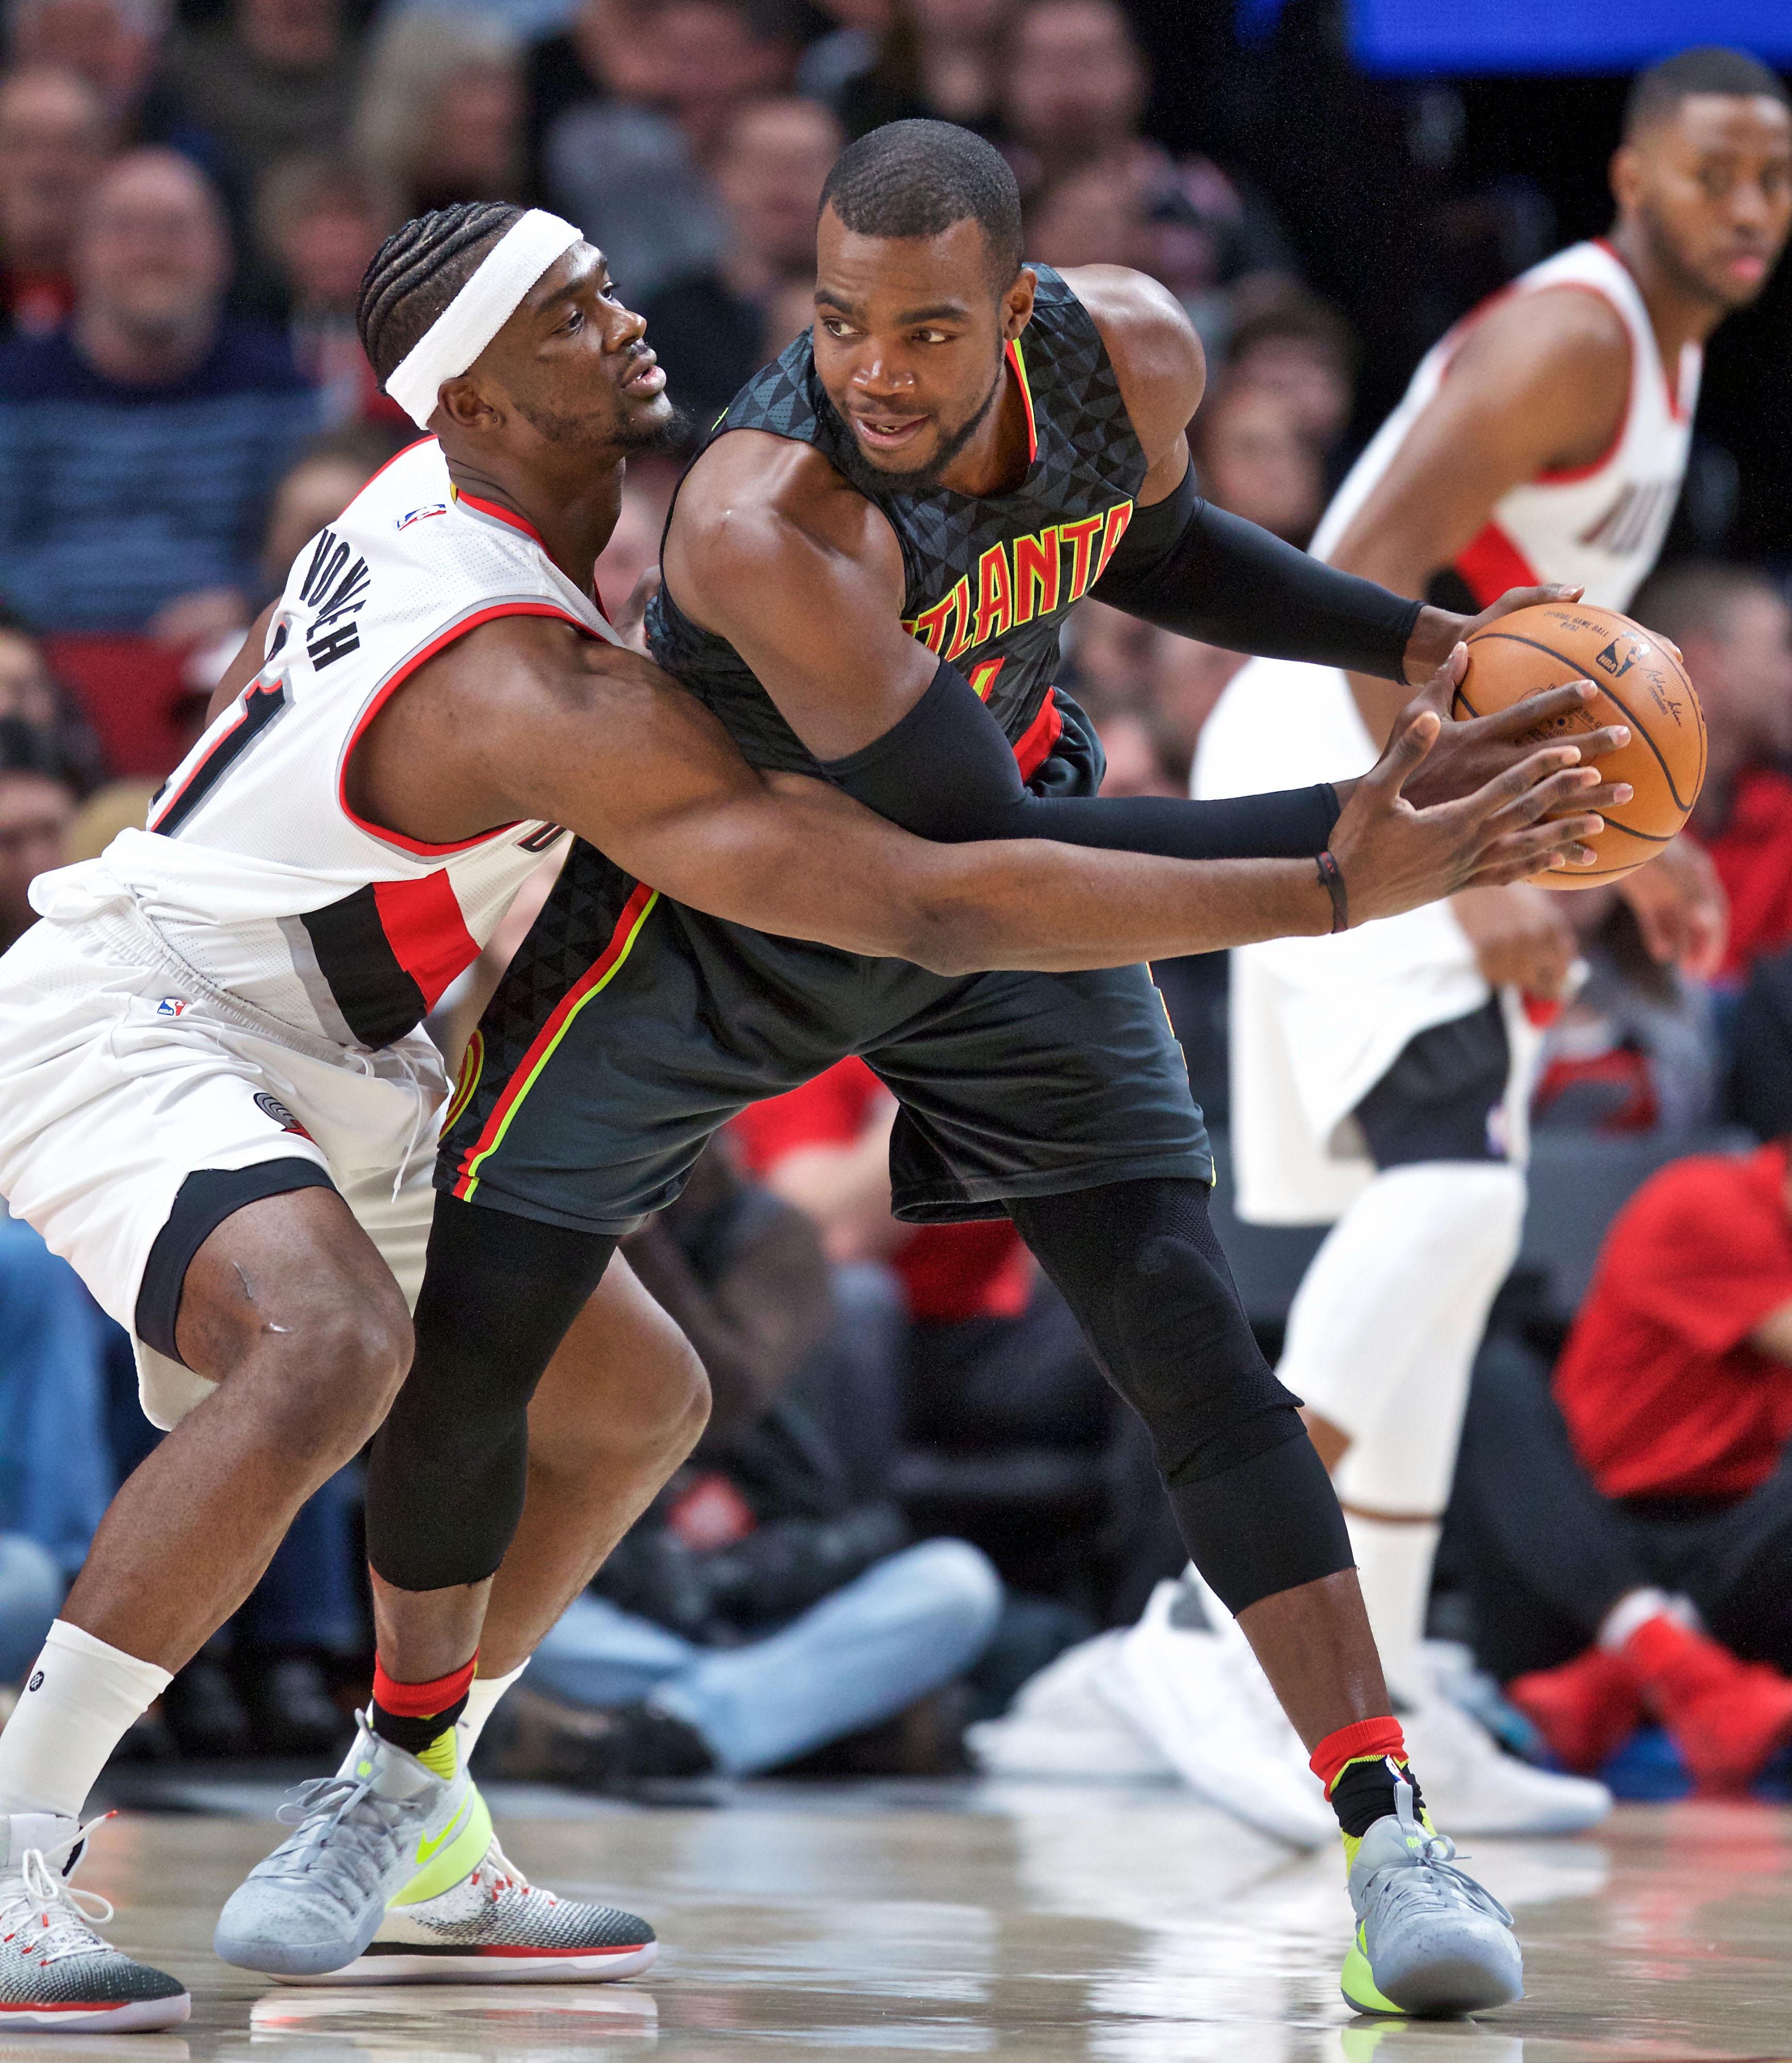 Portland Trail Blazers Espn Nba: Portland Trail Blazers Trade Watch: Four Days Before NBA